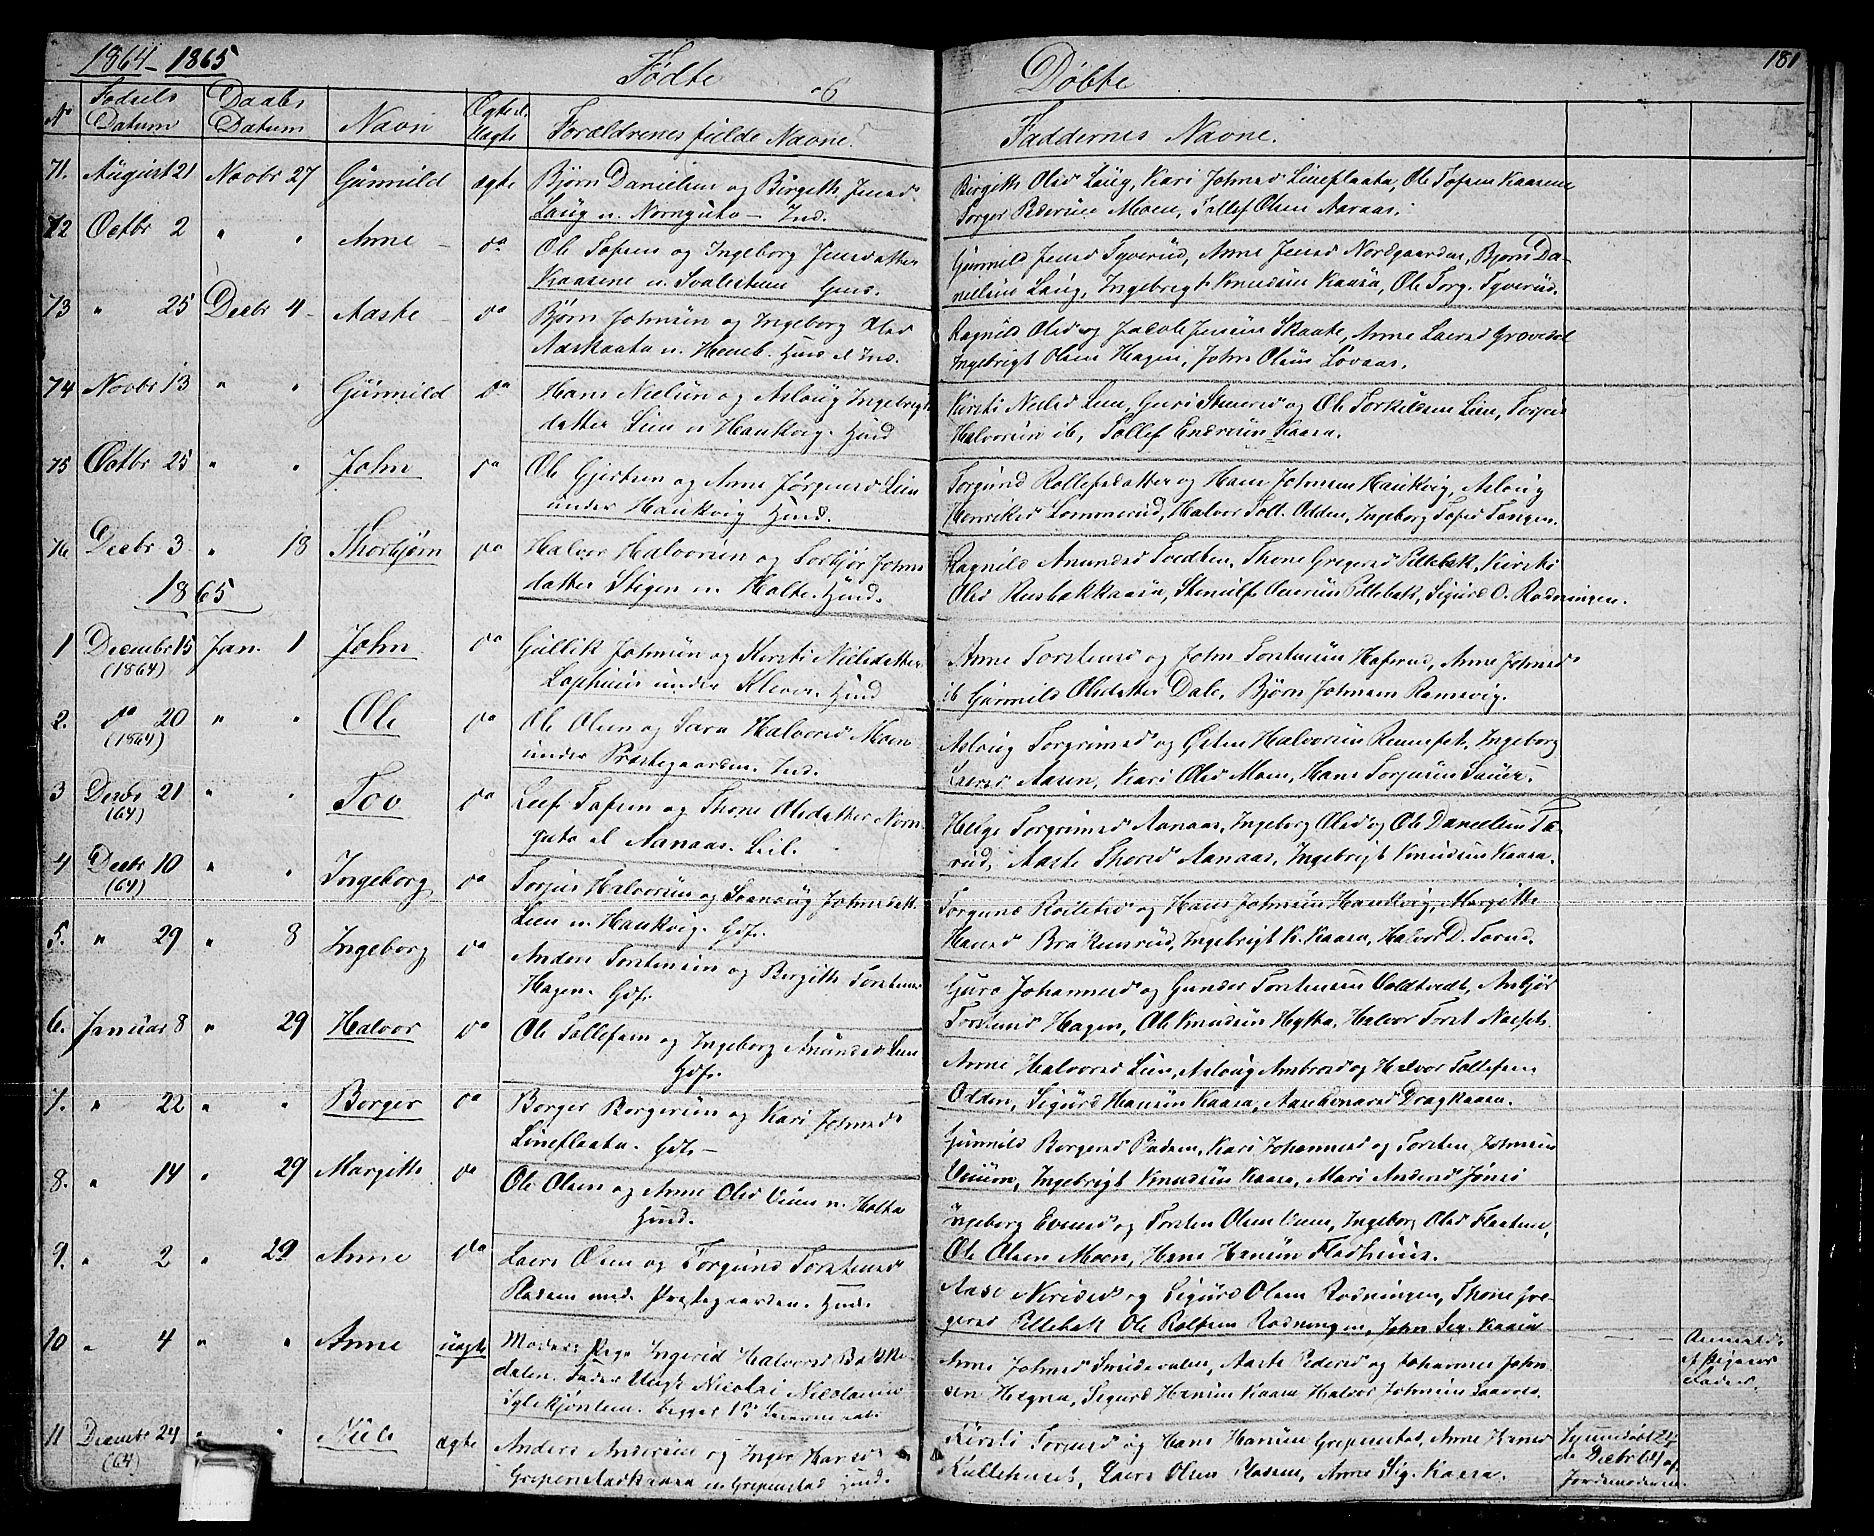 SAKO, Sauherad kirkebøker, G/Ga/L0002: Klokkerbok nr. I 2, 1842-1866, s. 181